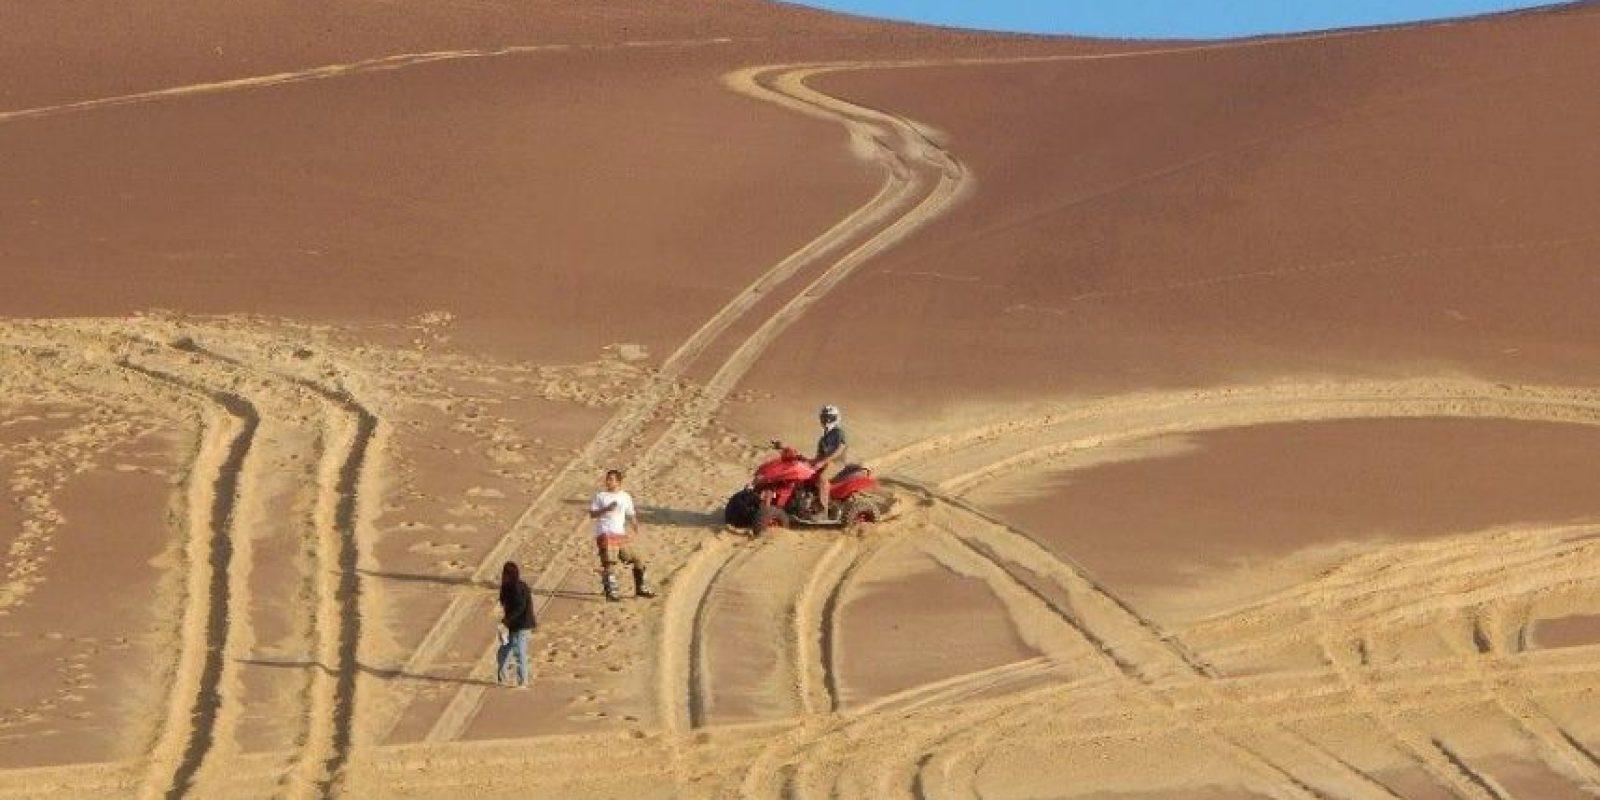 Utilizaron diversos vehículos para dañar la zona Foto:Facebook.com/Sernanp-Oficial